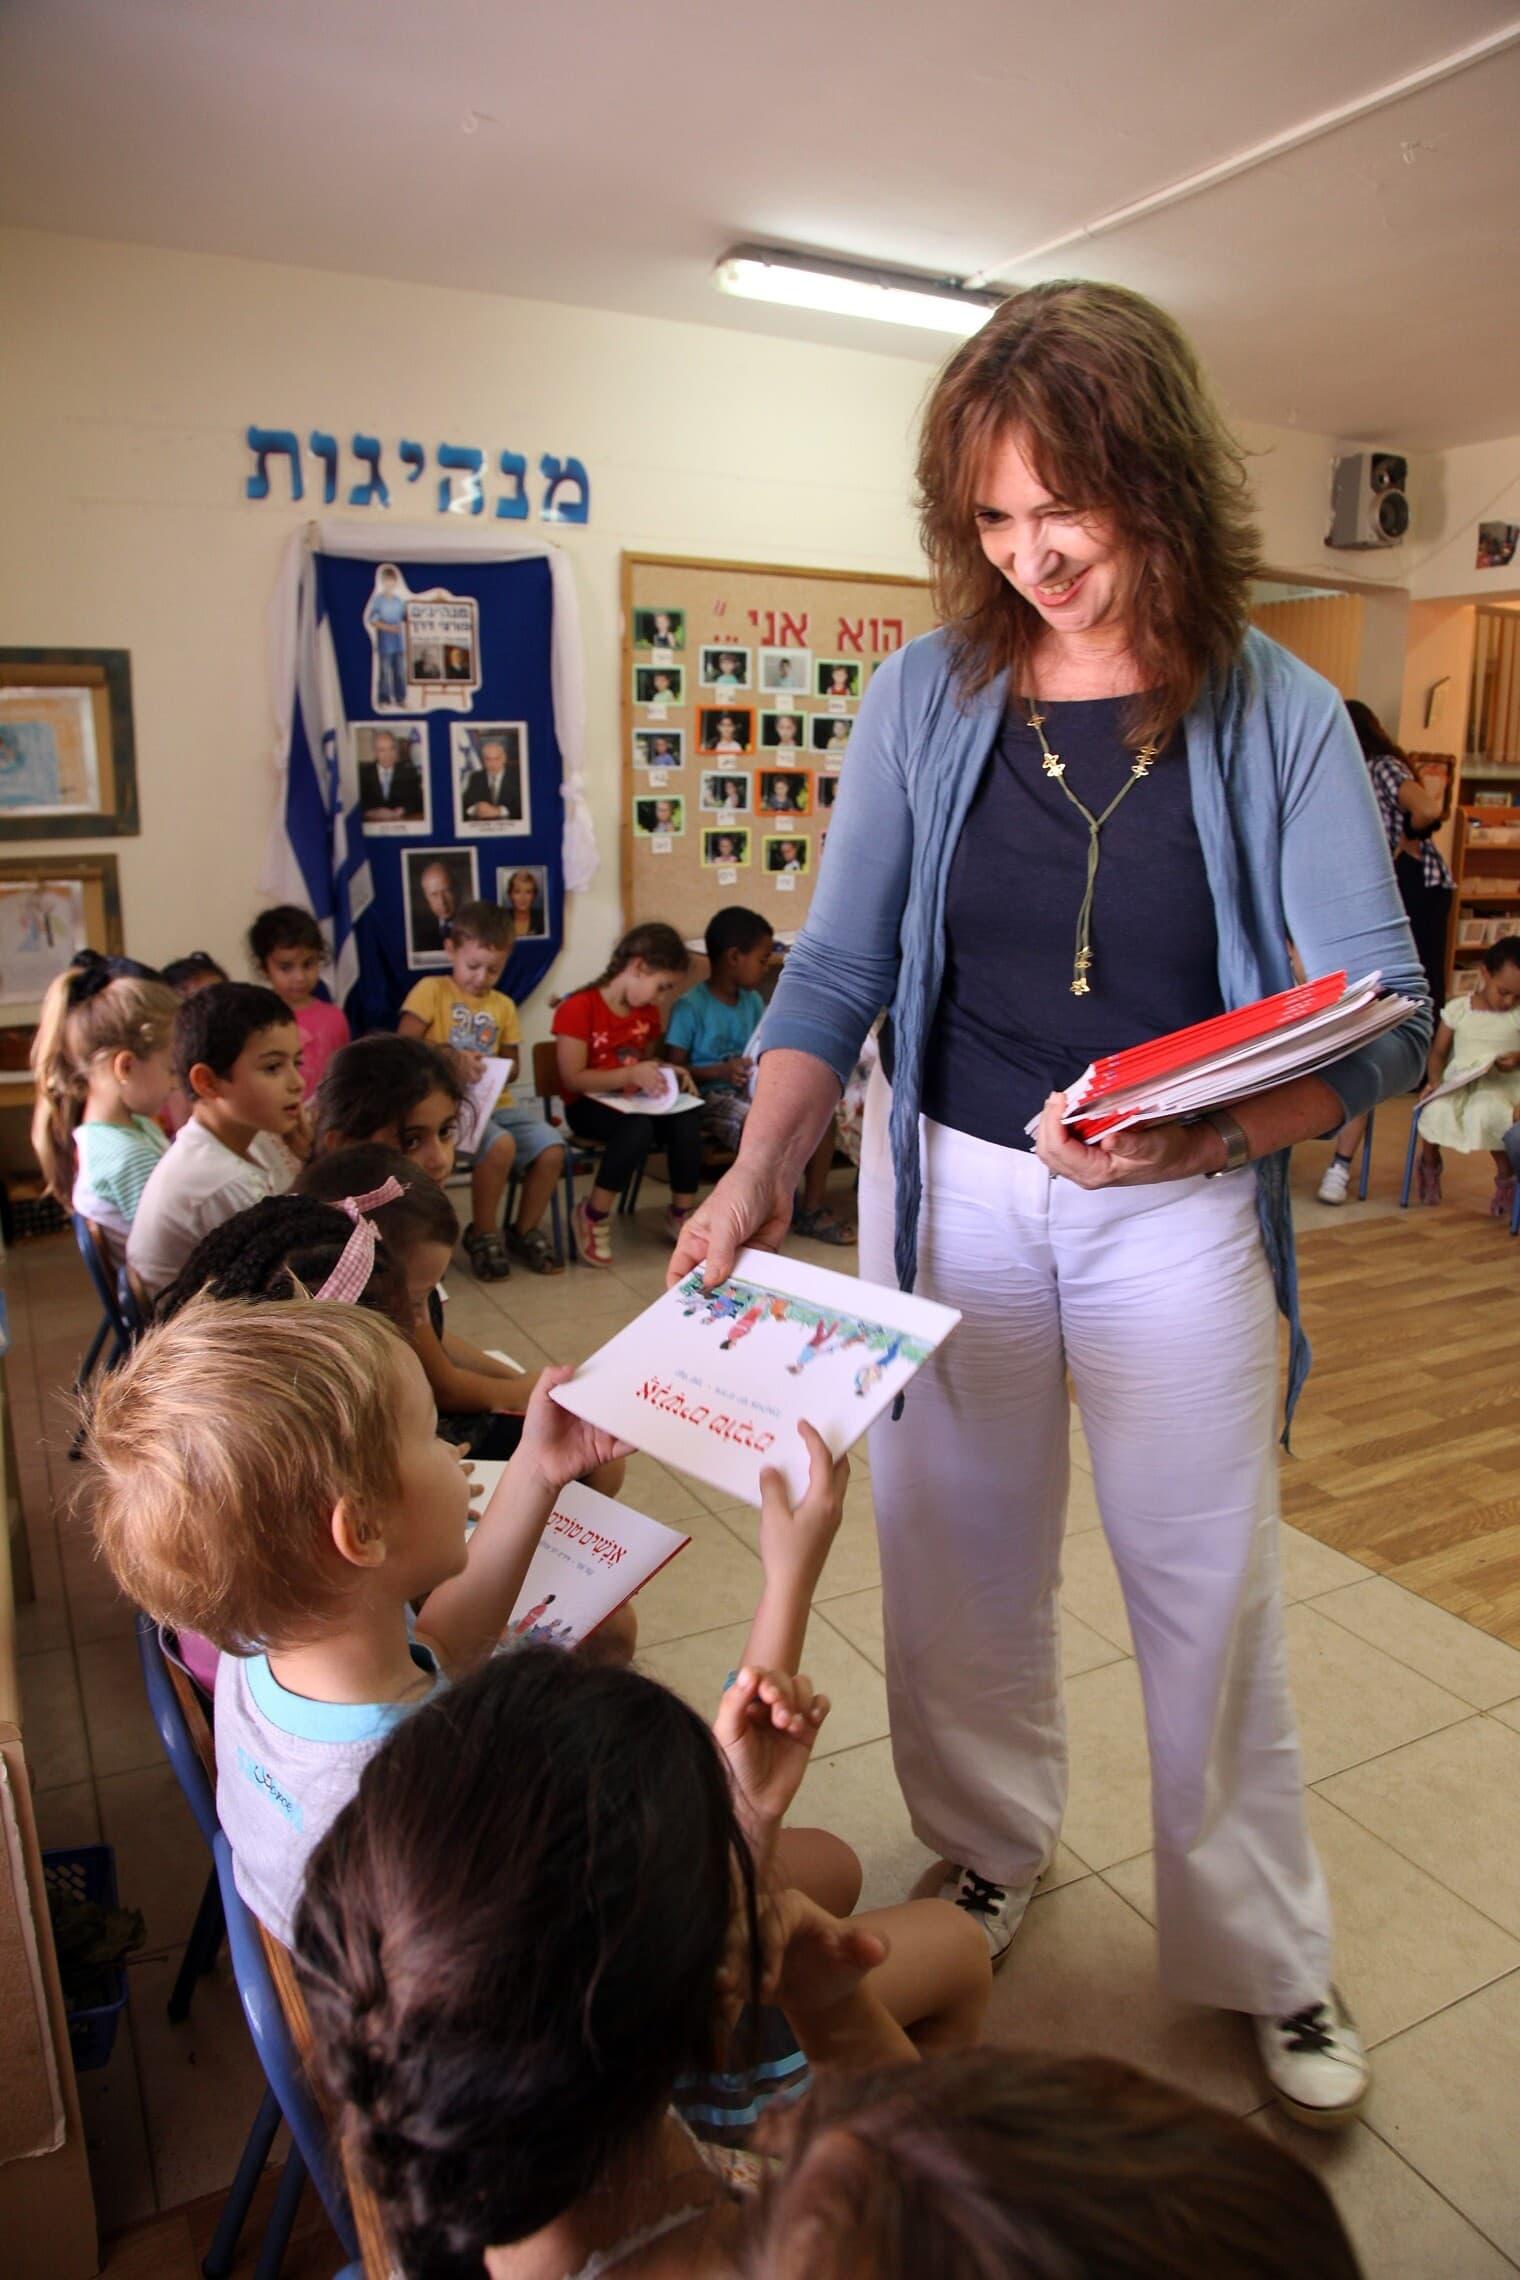 ללי שמר מבקרת בגן בנתניה ומחלקת לילדים ספר המבוסס על השיר 'אנשים טובים' שנכתב על ידי אמה, נעמי שמר, 23 באוקטובר 2012 (צילום: ששון תירם)